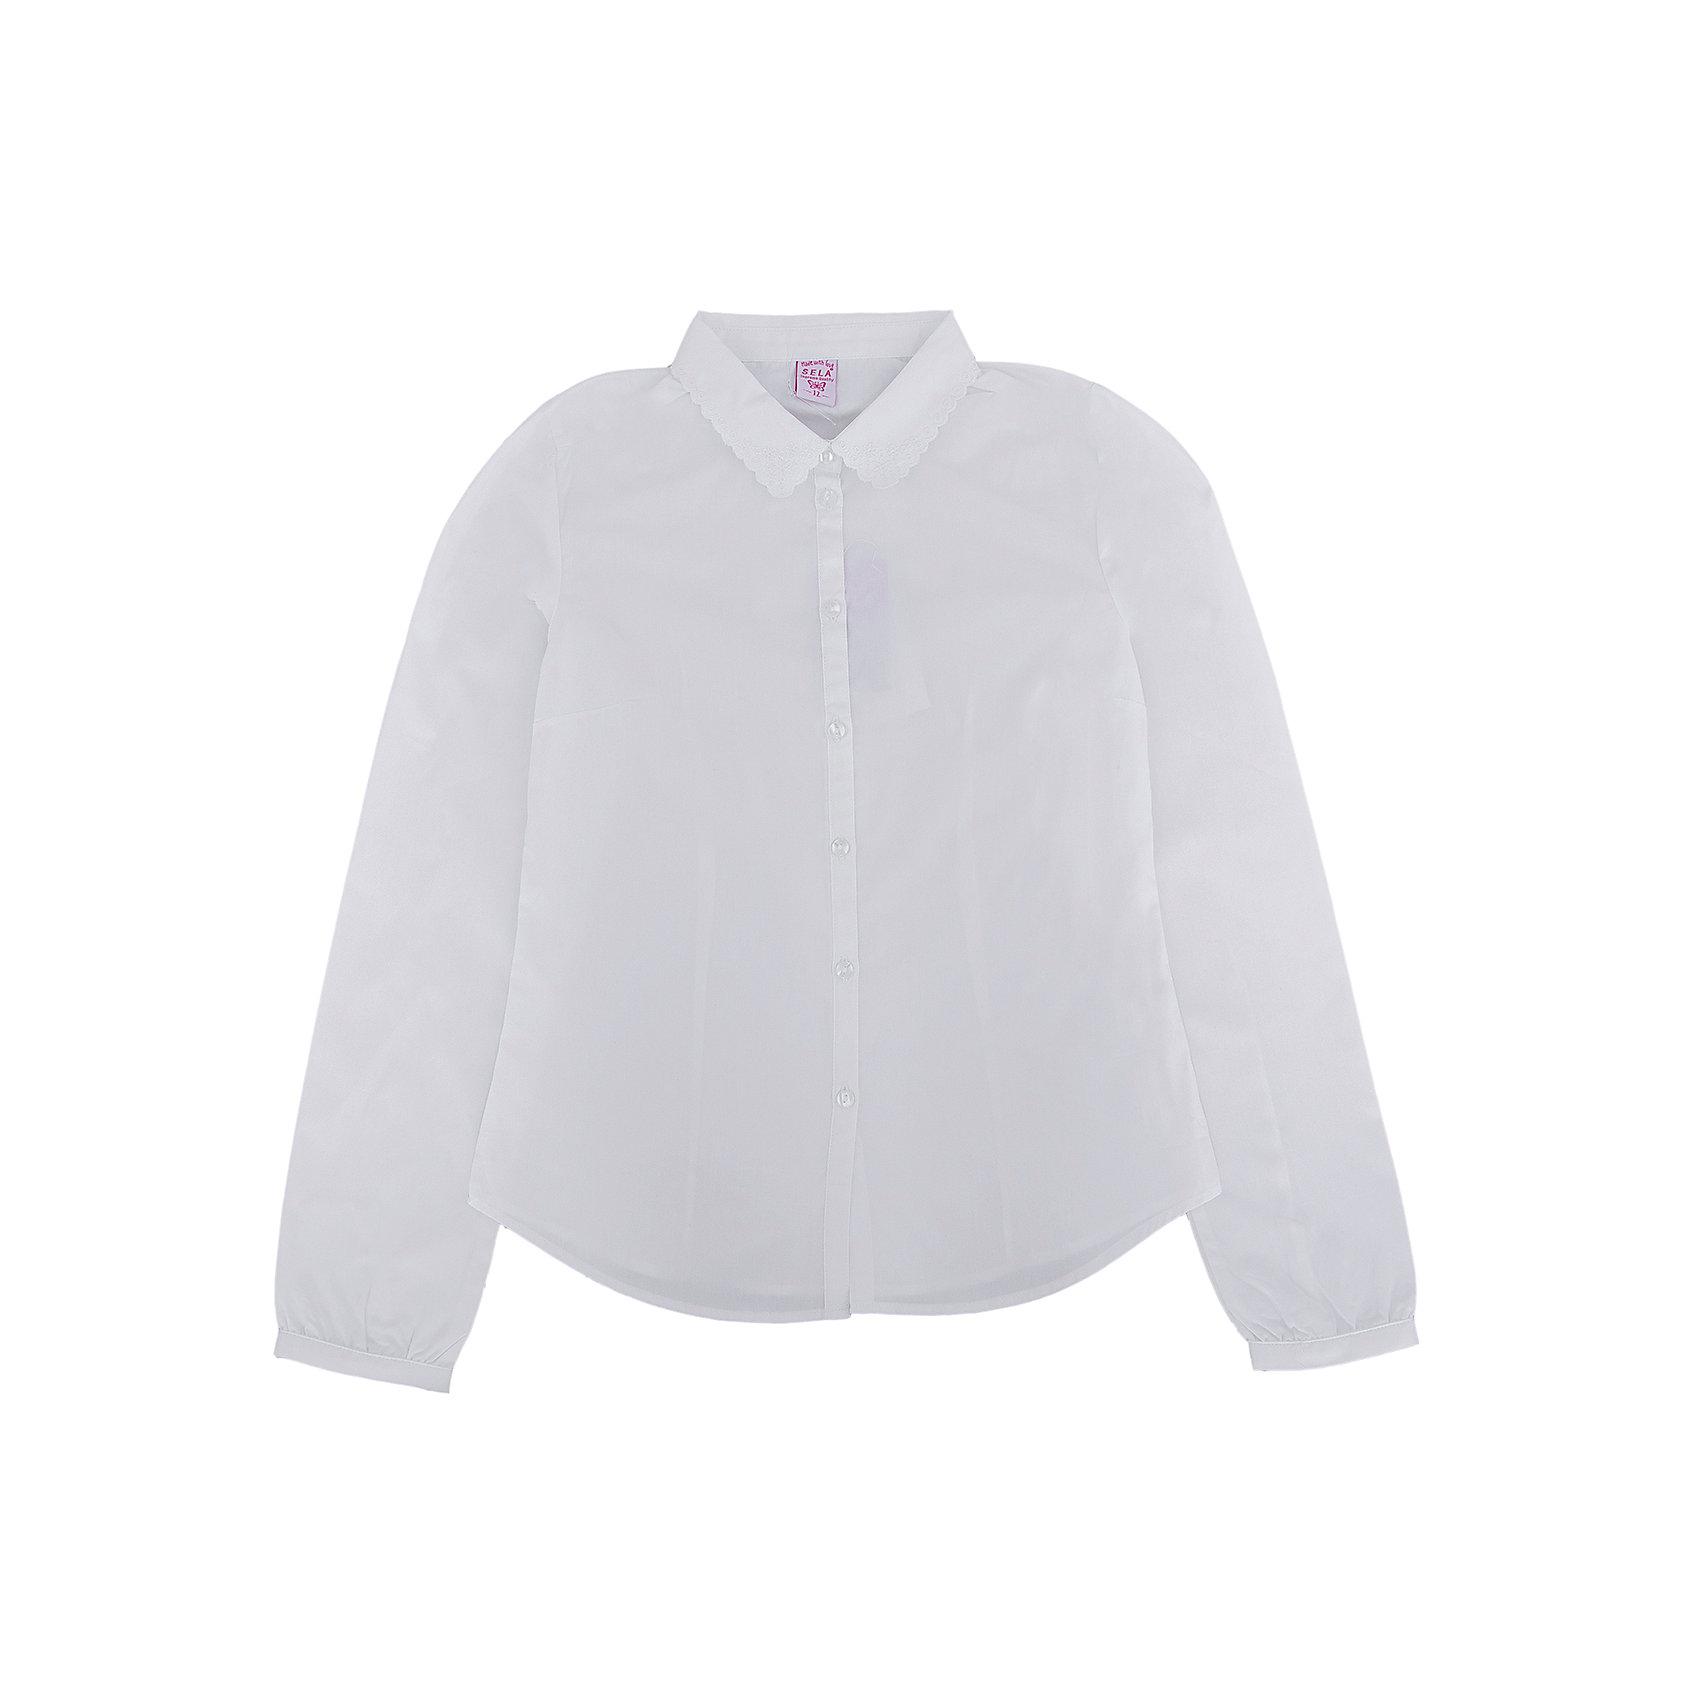 SELA Блузка для девочки SELA в каком магазине в бибирево можно купить дшево косметику dbib